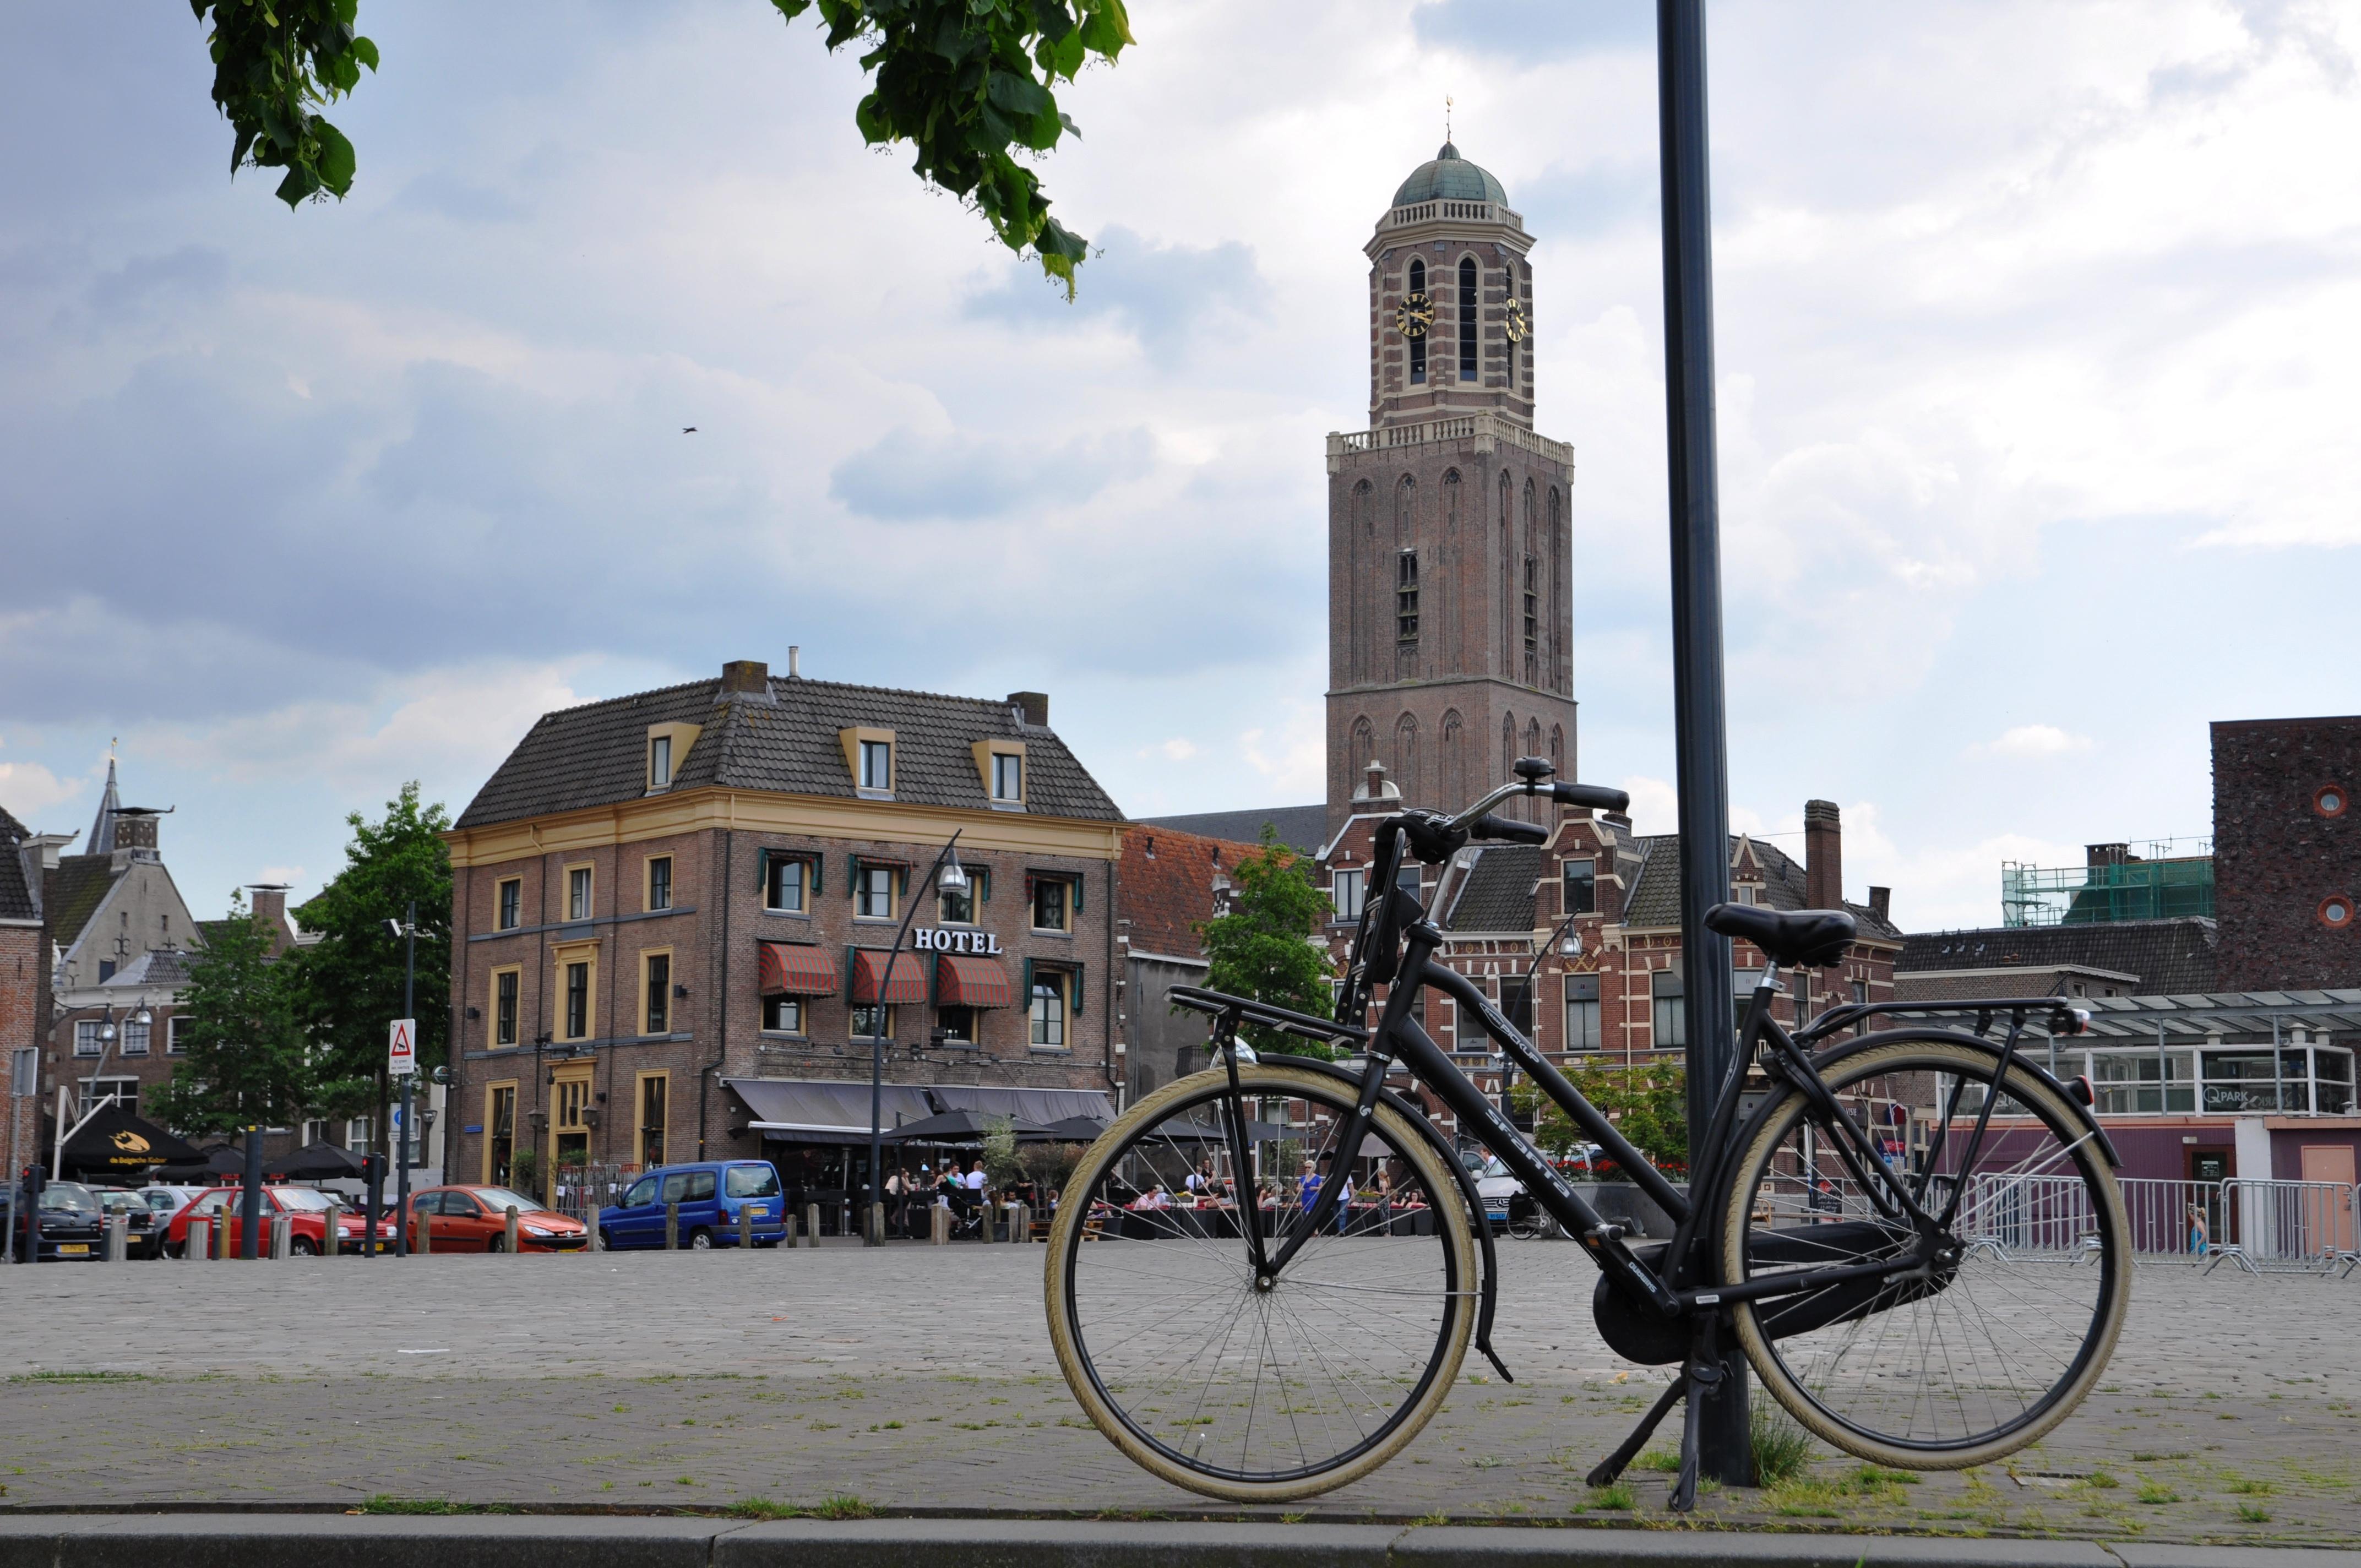 De skyline van Zwolle, met Peperbus, gezien vanaf het Rodetorenplein